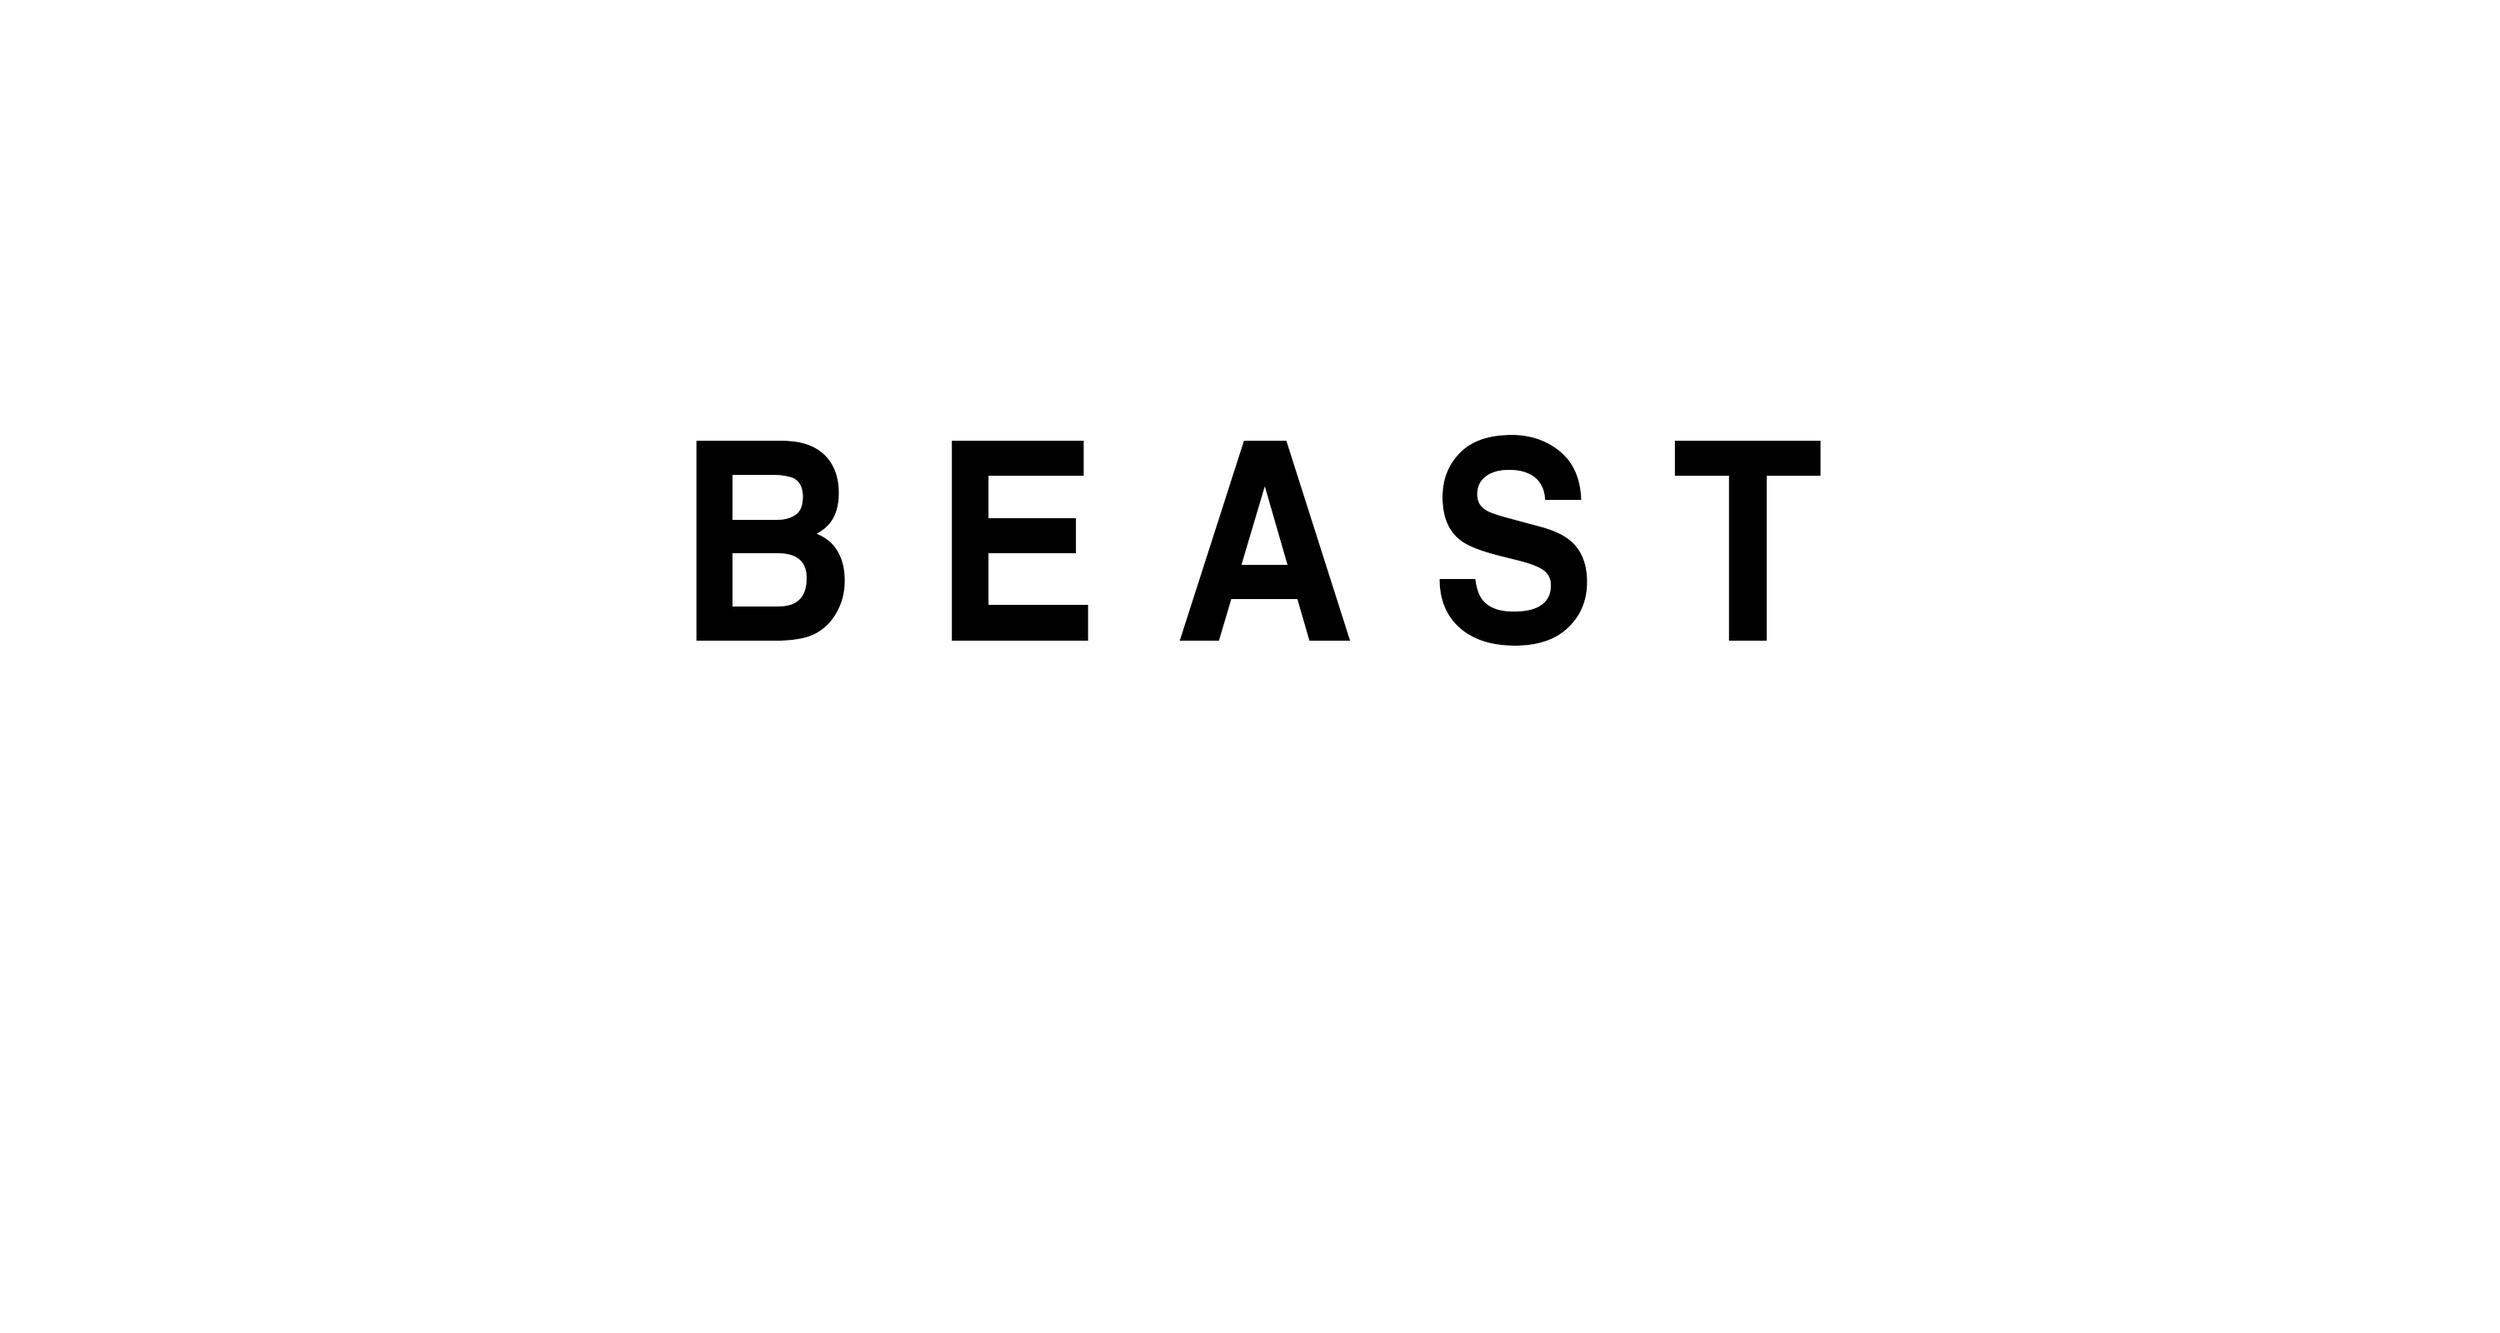 beast lyrics 2 u2014 hustle standard